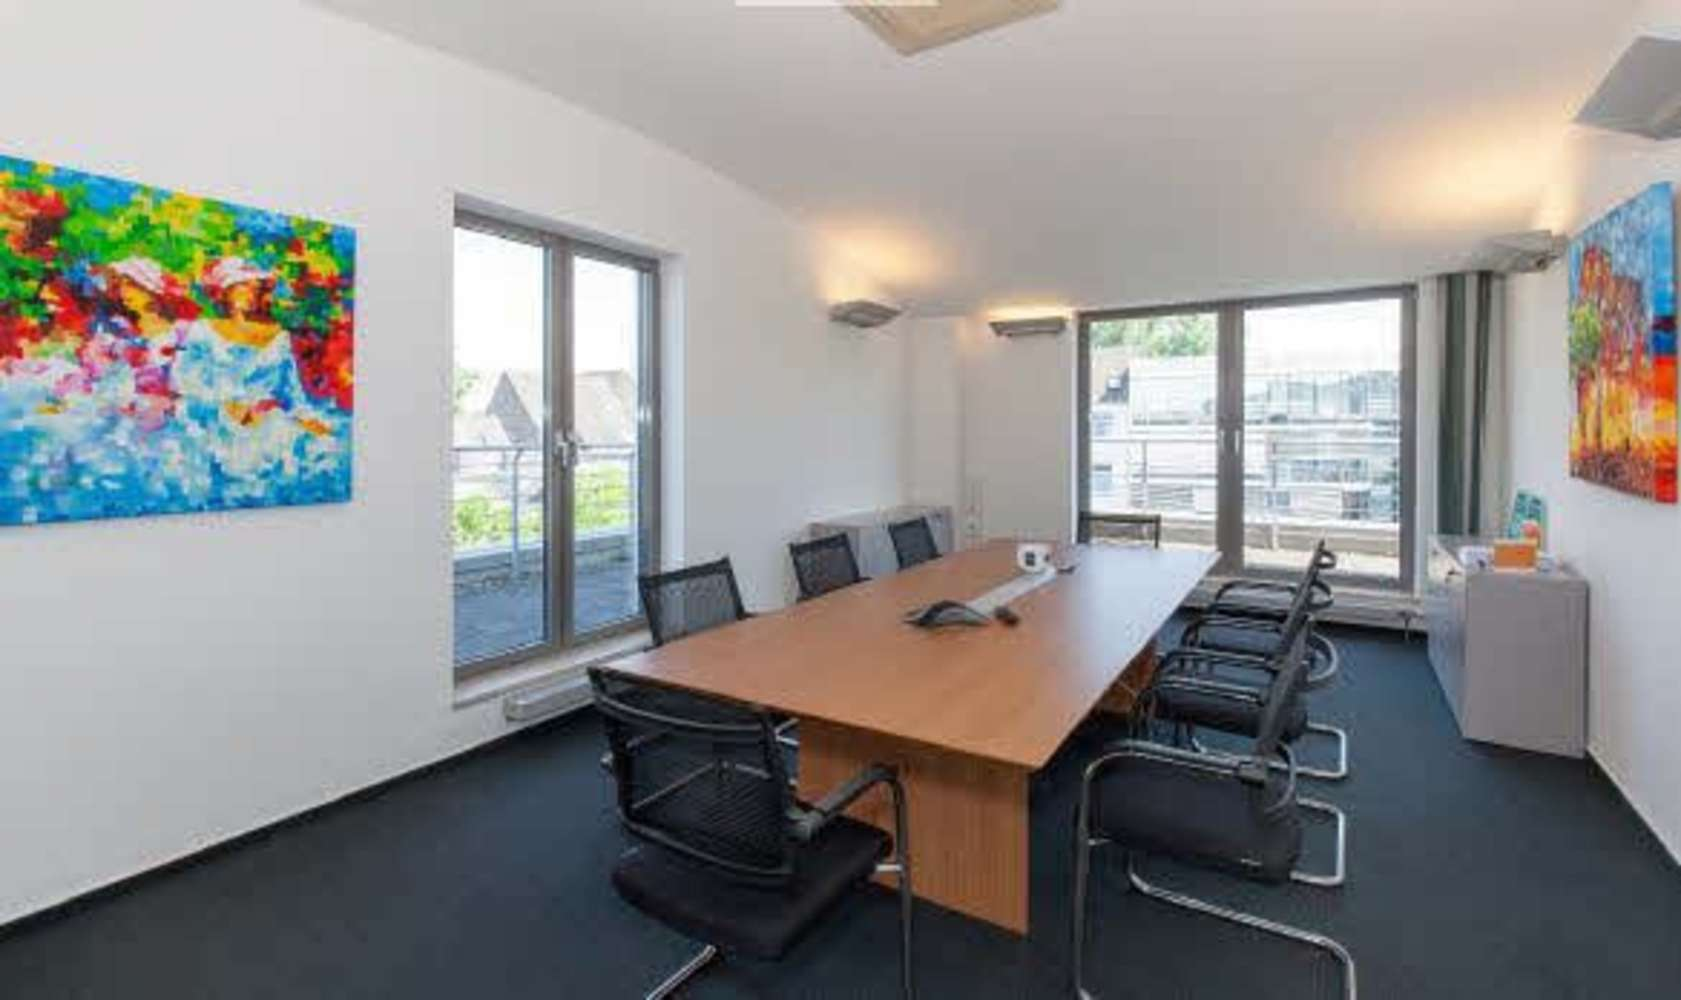 Büros Köln, 50933 - Büro - Köln, Müngersdorf - K1348 - 10009743